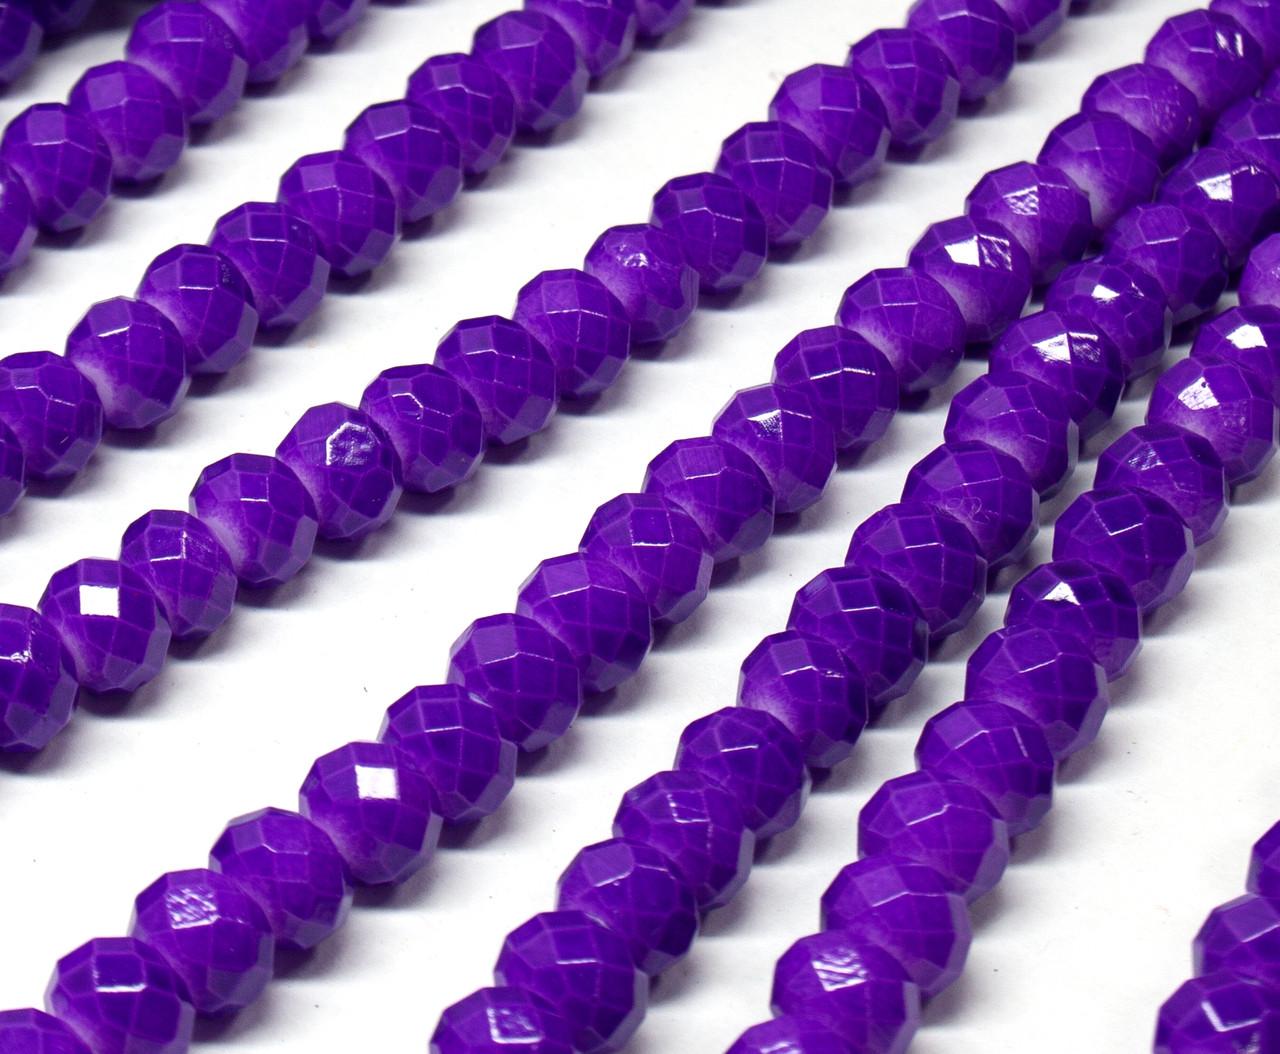 Бусины хрустальные (Рондель) 8х6мм  пачка - примерно 65 шт, цвет - фиолетовый кракелюр